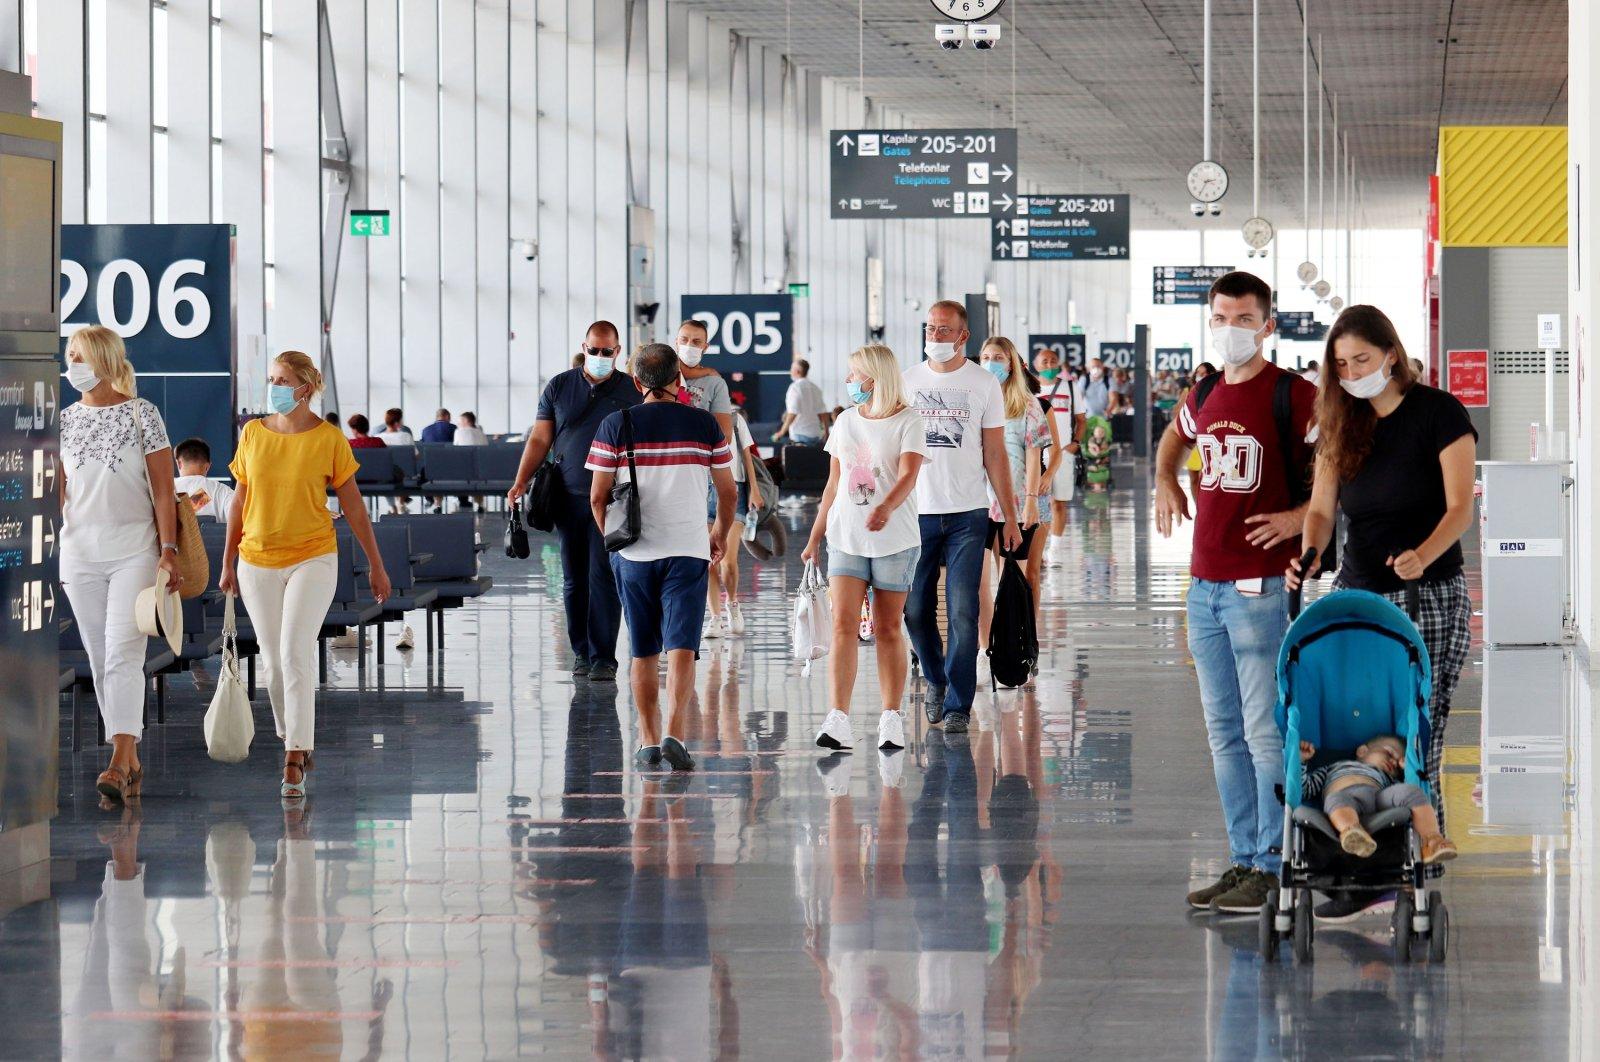 Tourists walk in the Milas-Bodrum Airport, Bodrum, southwestern Turkey, Sept. 28, 2020. (Shutterstock Photo)